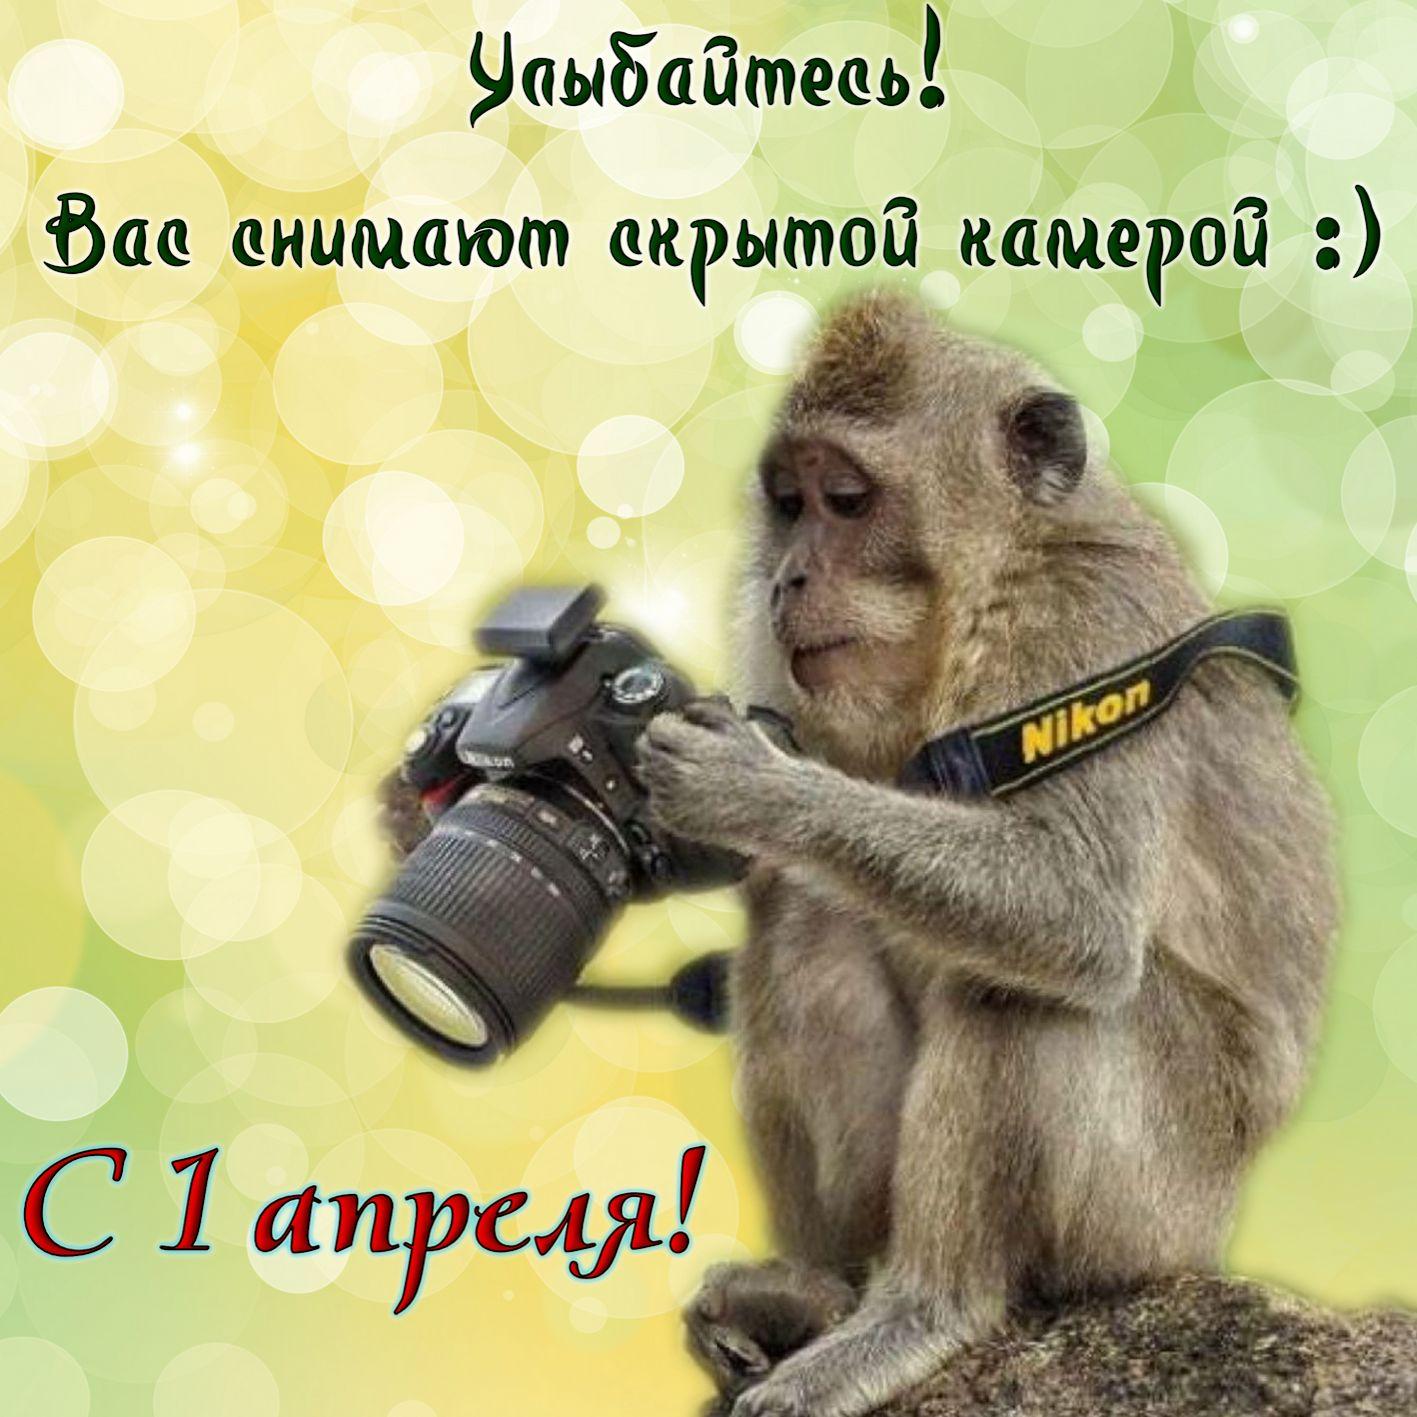 Обезьянка с фотоаппаратом к 1 апреля